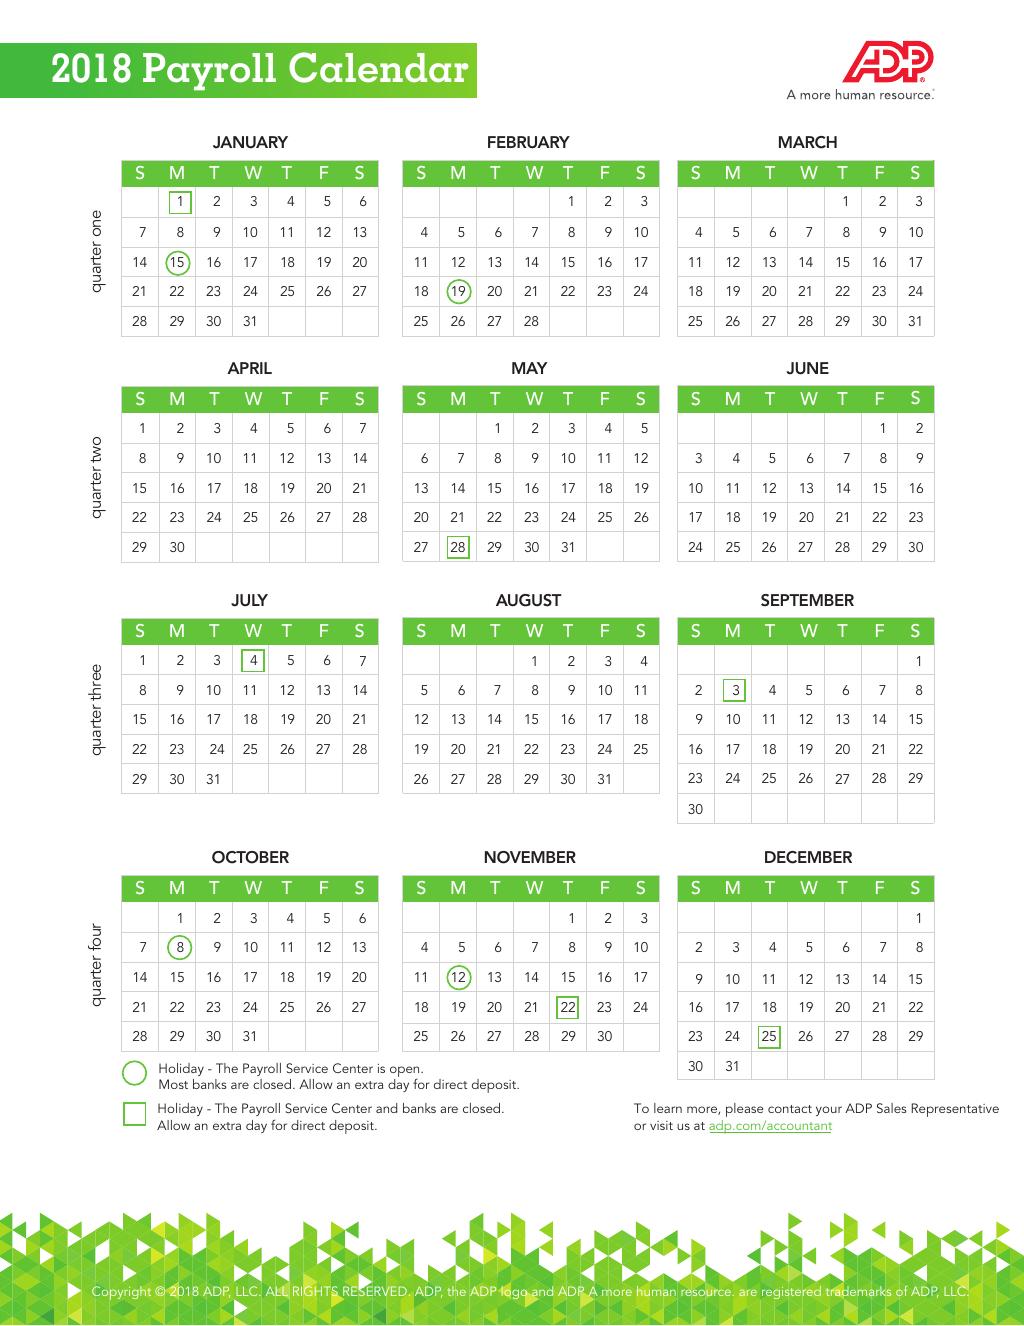 2020 Payroll Calendar Adp Canada | Payroll Calendar 2020